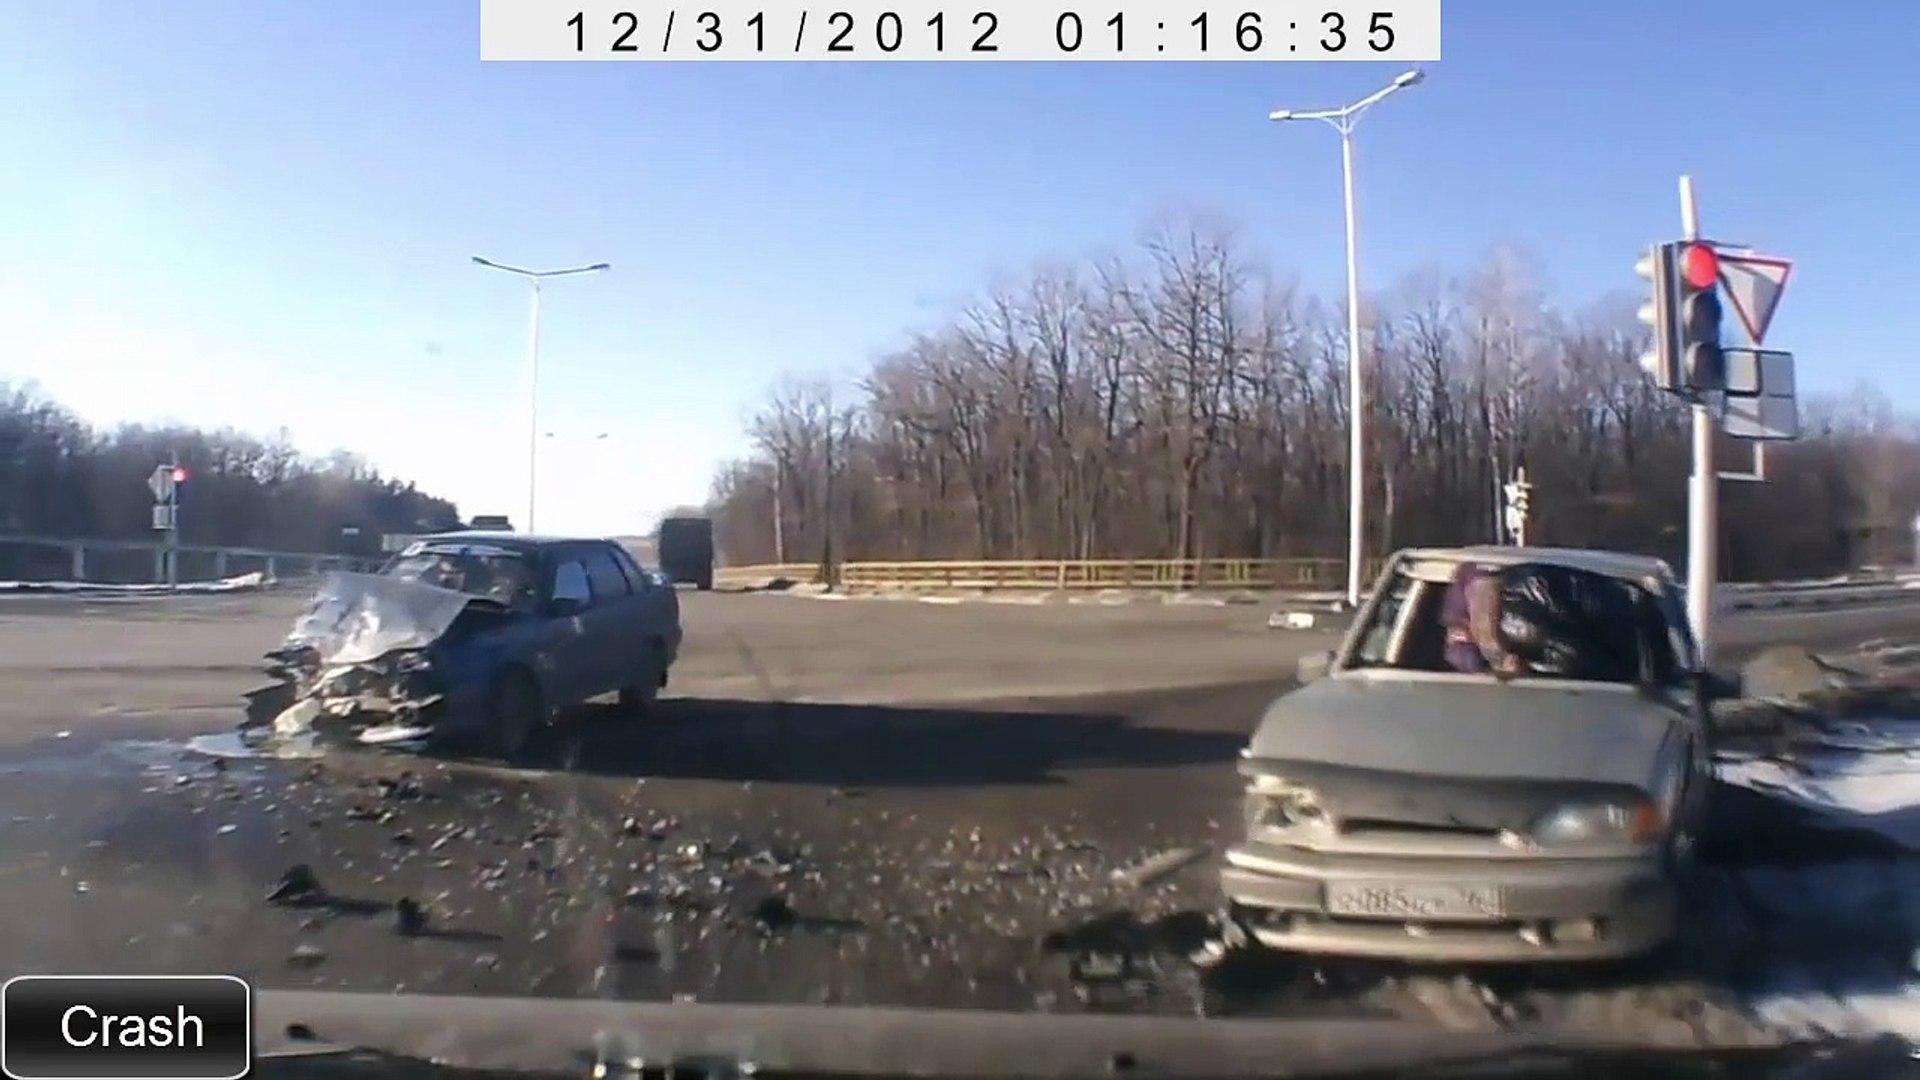 Аварии на дорогах видео 2015 смотреть бесплатно. Часть 6